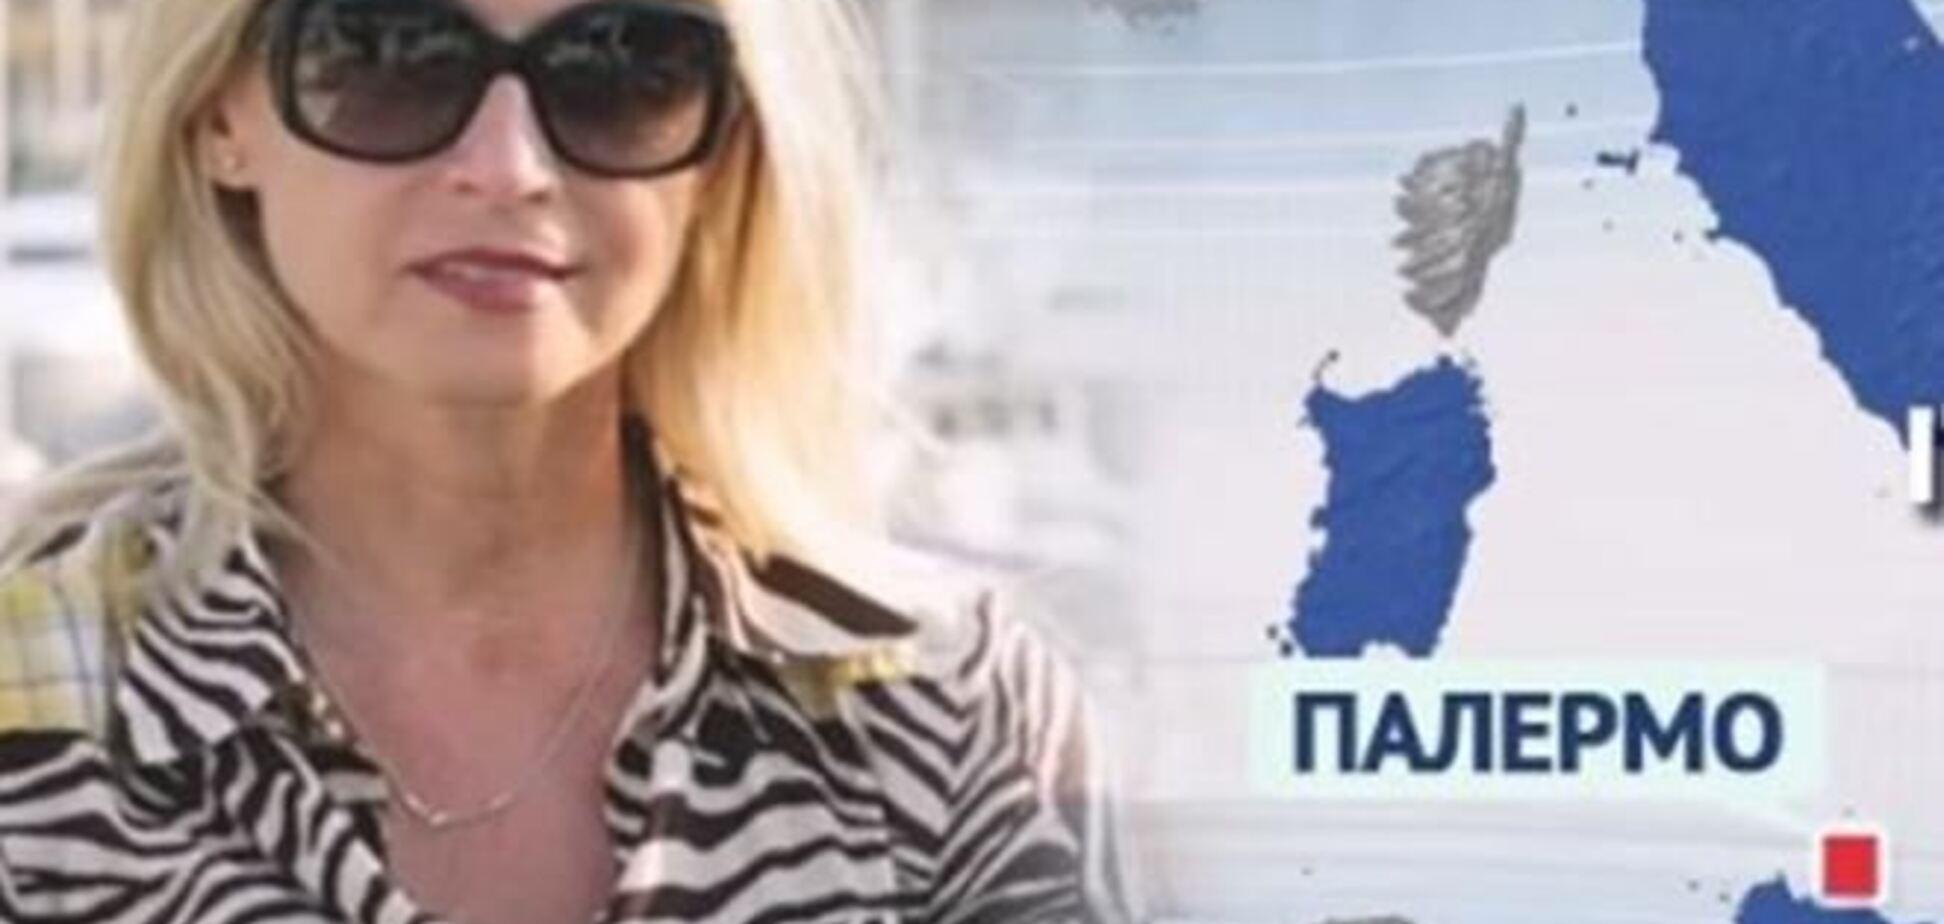 Обвиняемая в похищении детей спортсменка отказалась от помощи Украины